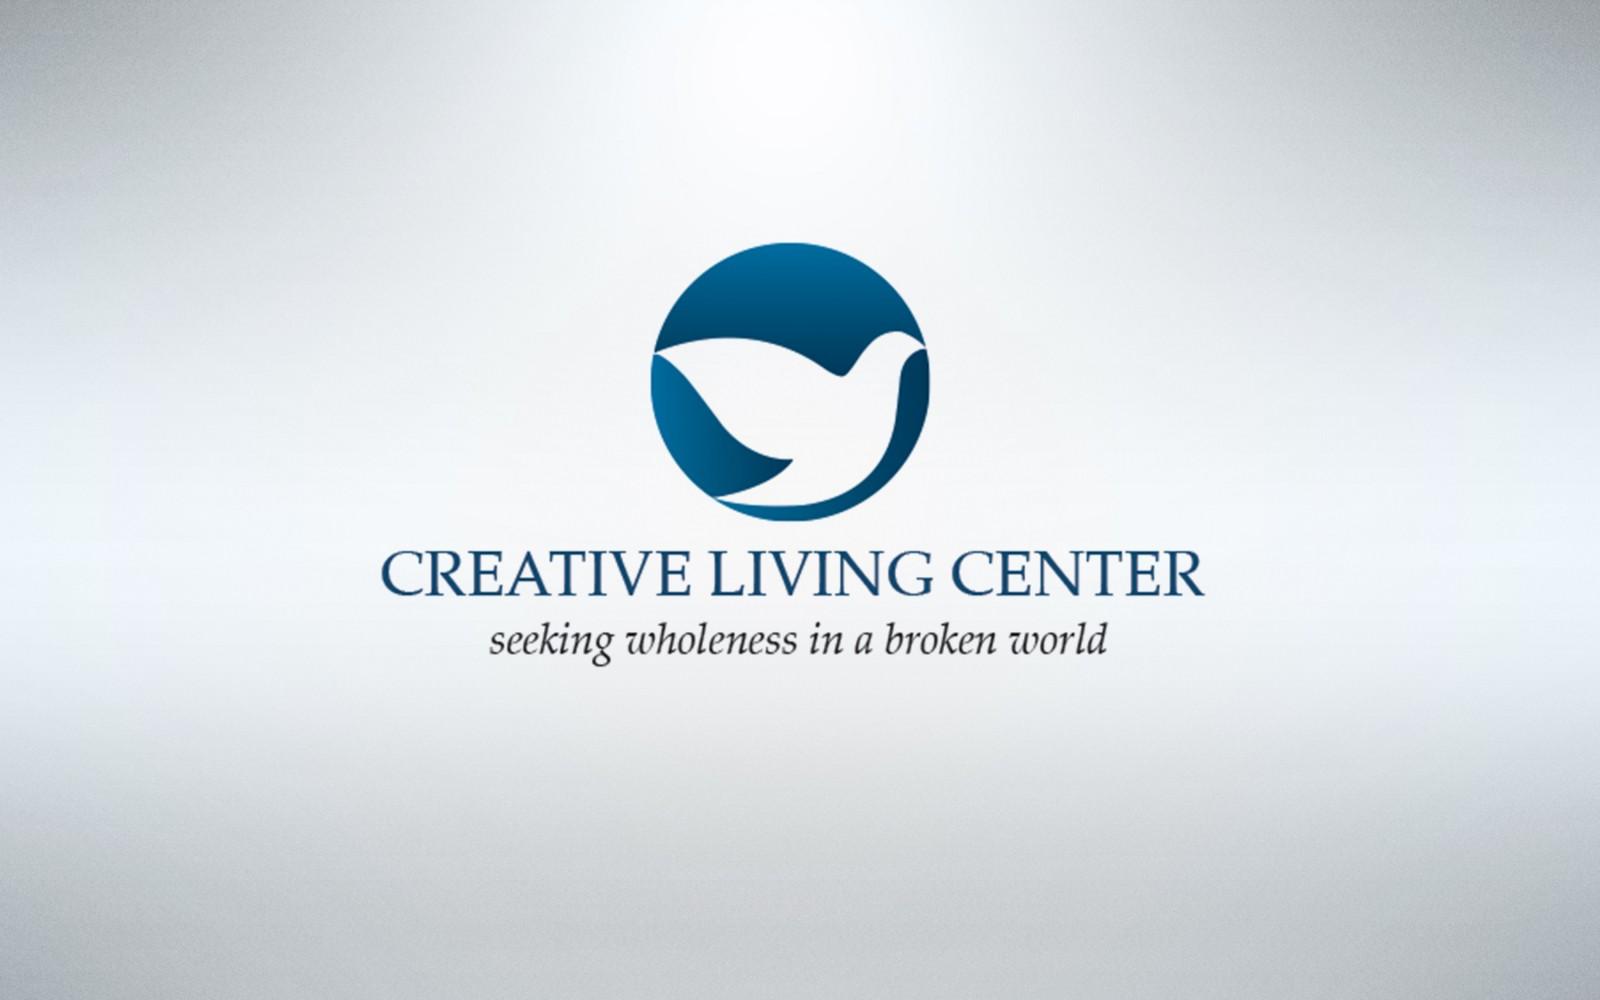 Creative Living Center Concept Logo